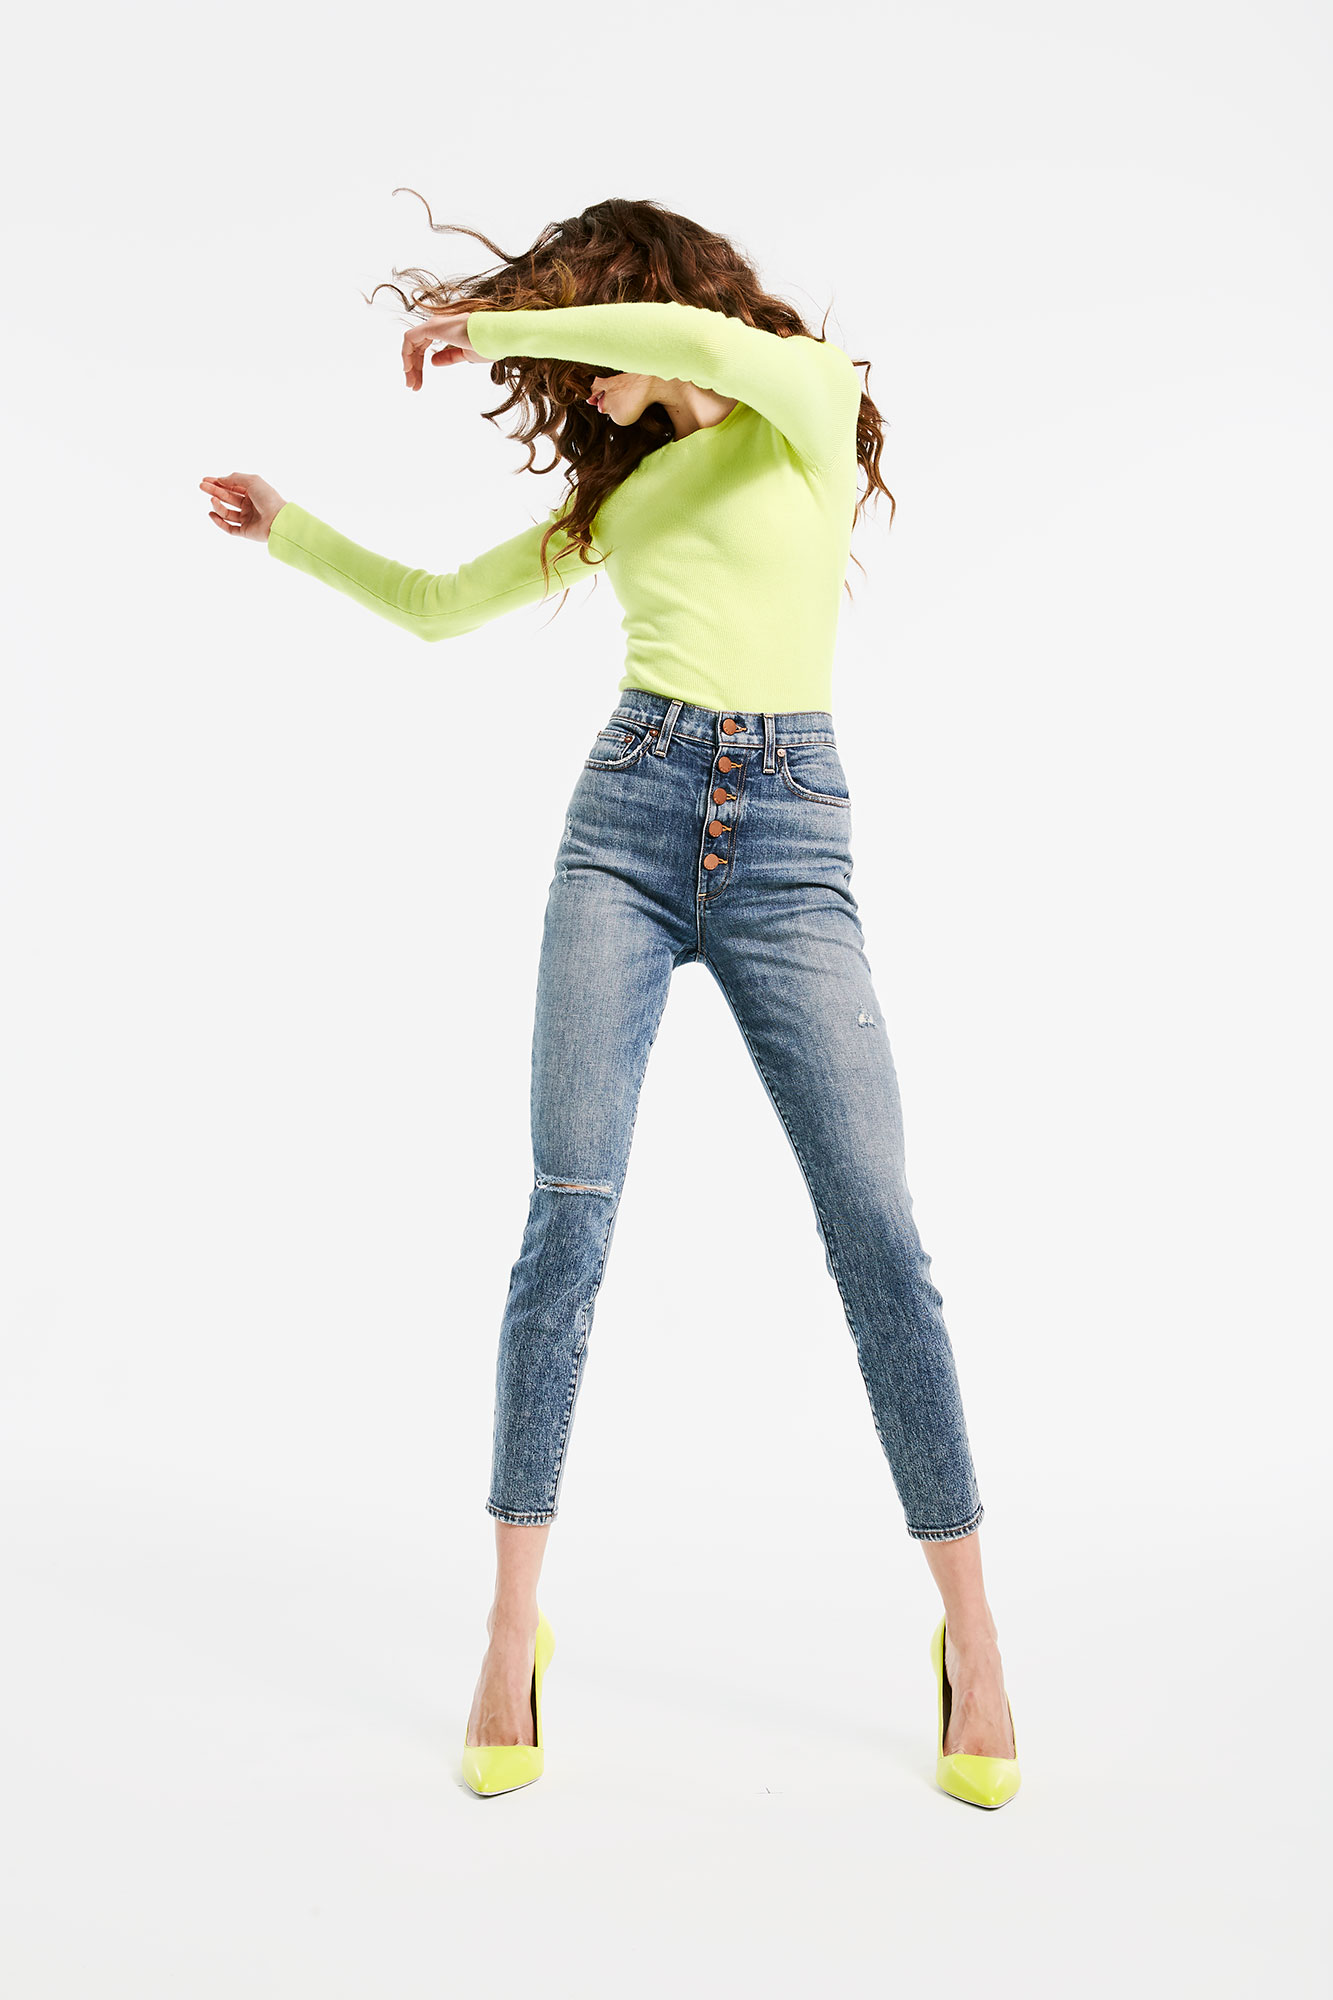 alice+olivia-jeans-spring-006.jpg